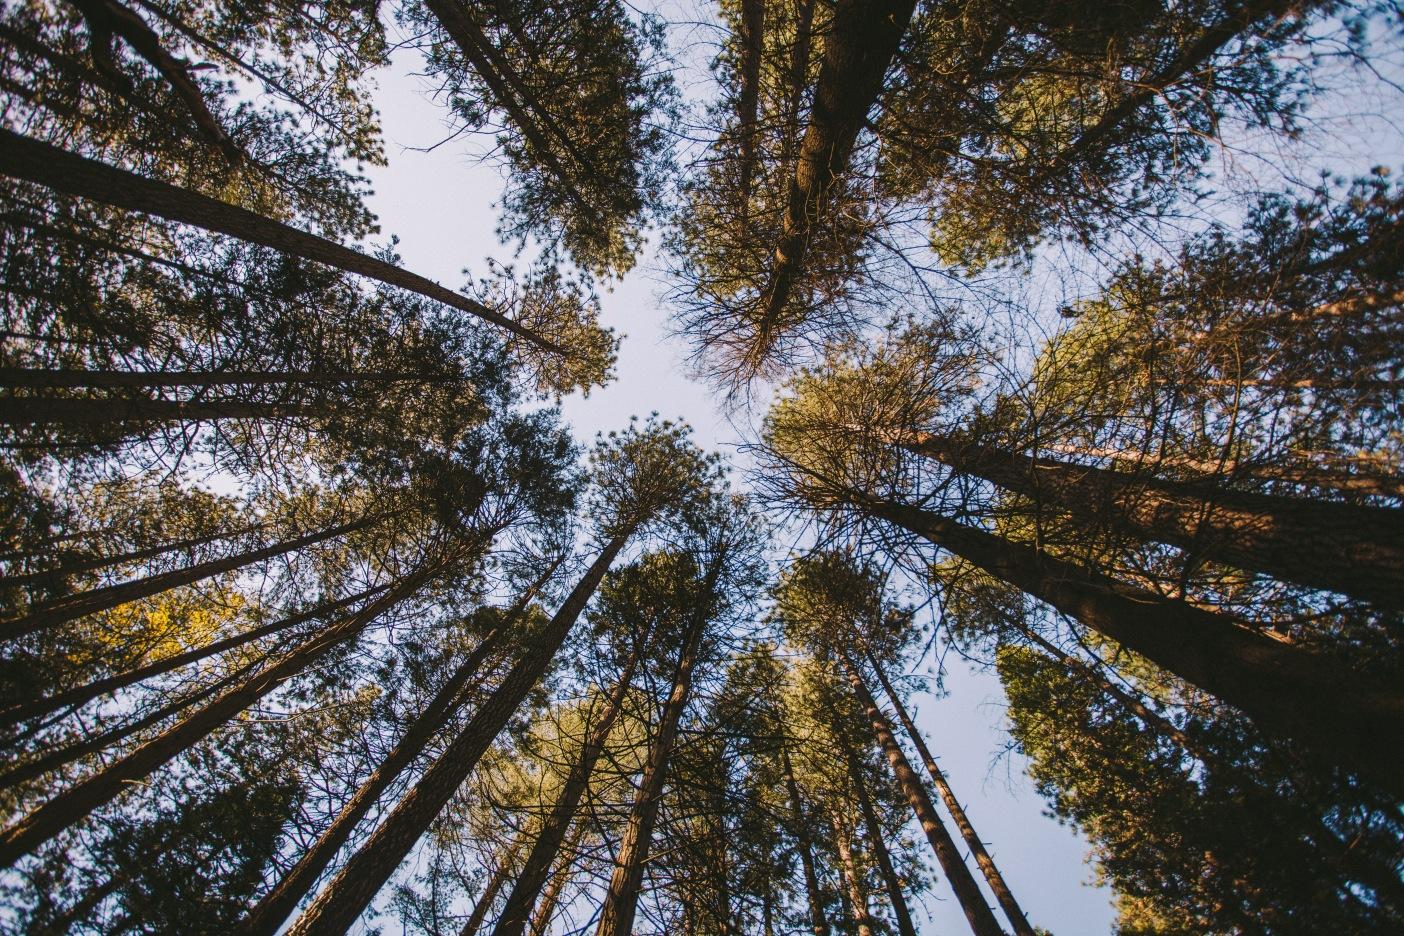 Ponderosa Pines in Yosemite